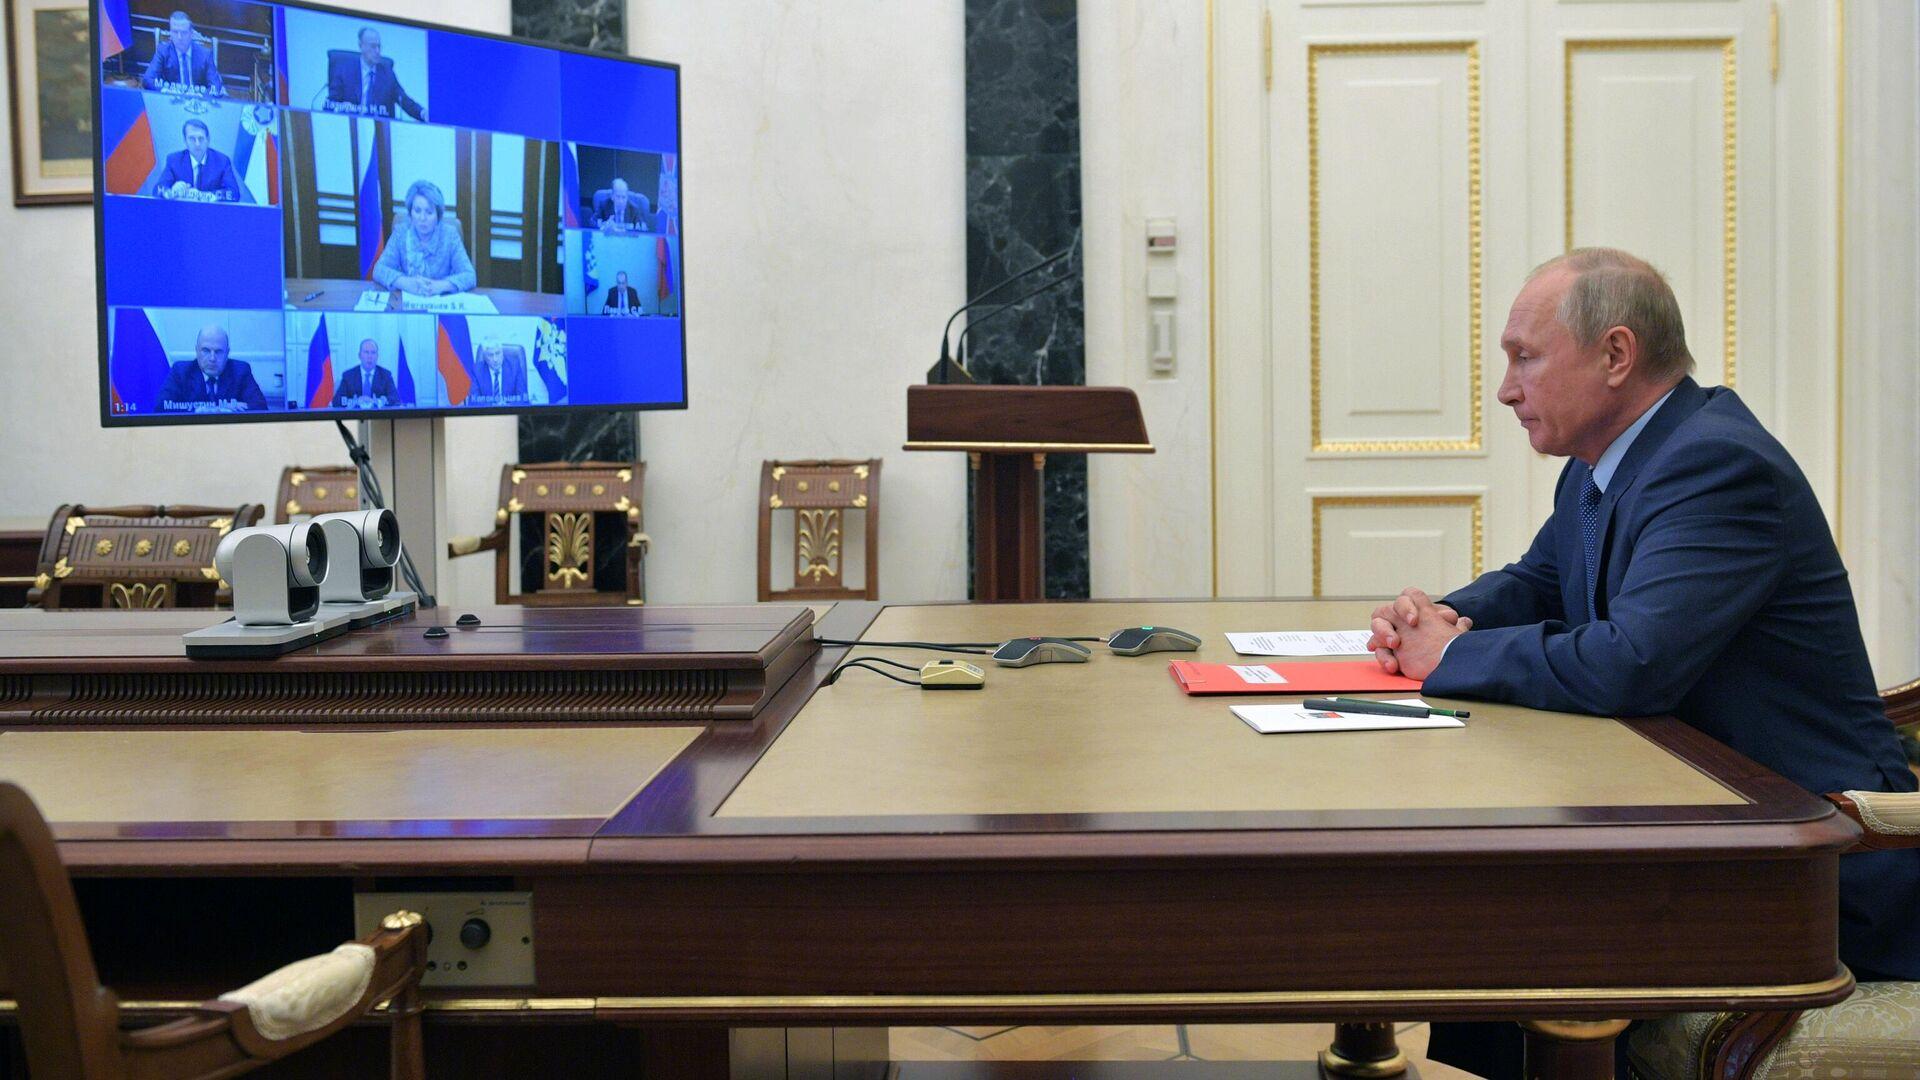 Президент РФ Владимир Путин проводит оперативное совещание с постоянными членами Совета безопасности РФ в режиме видеоконференции - РИА Новости, 1920, 16.10.2020